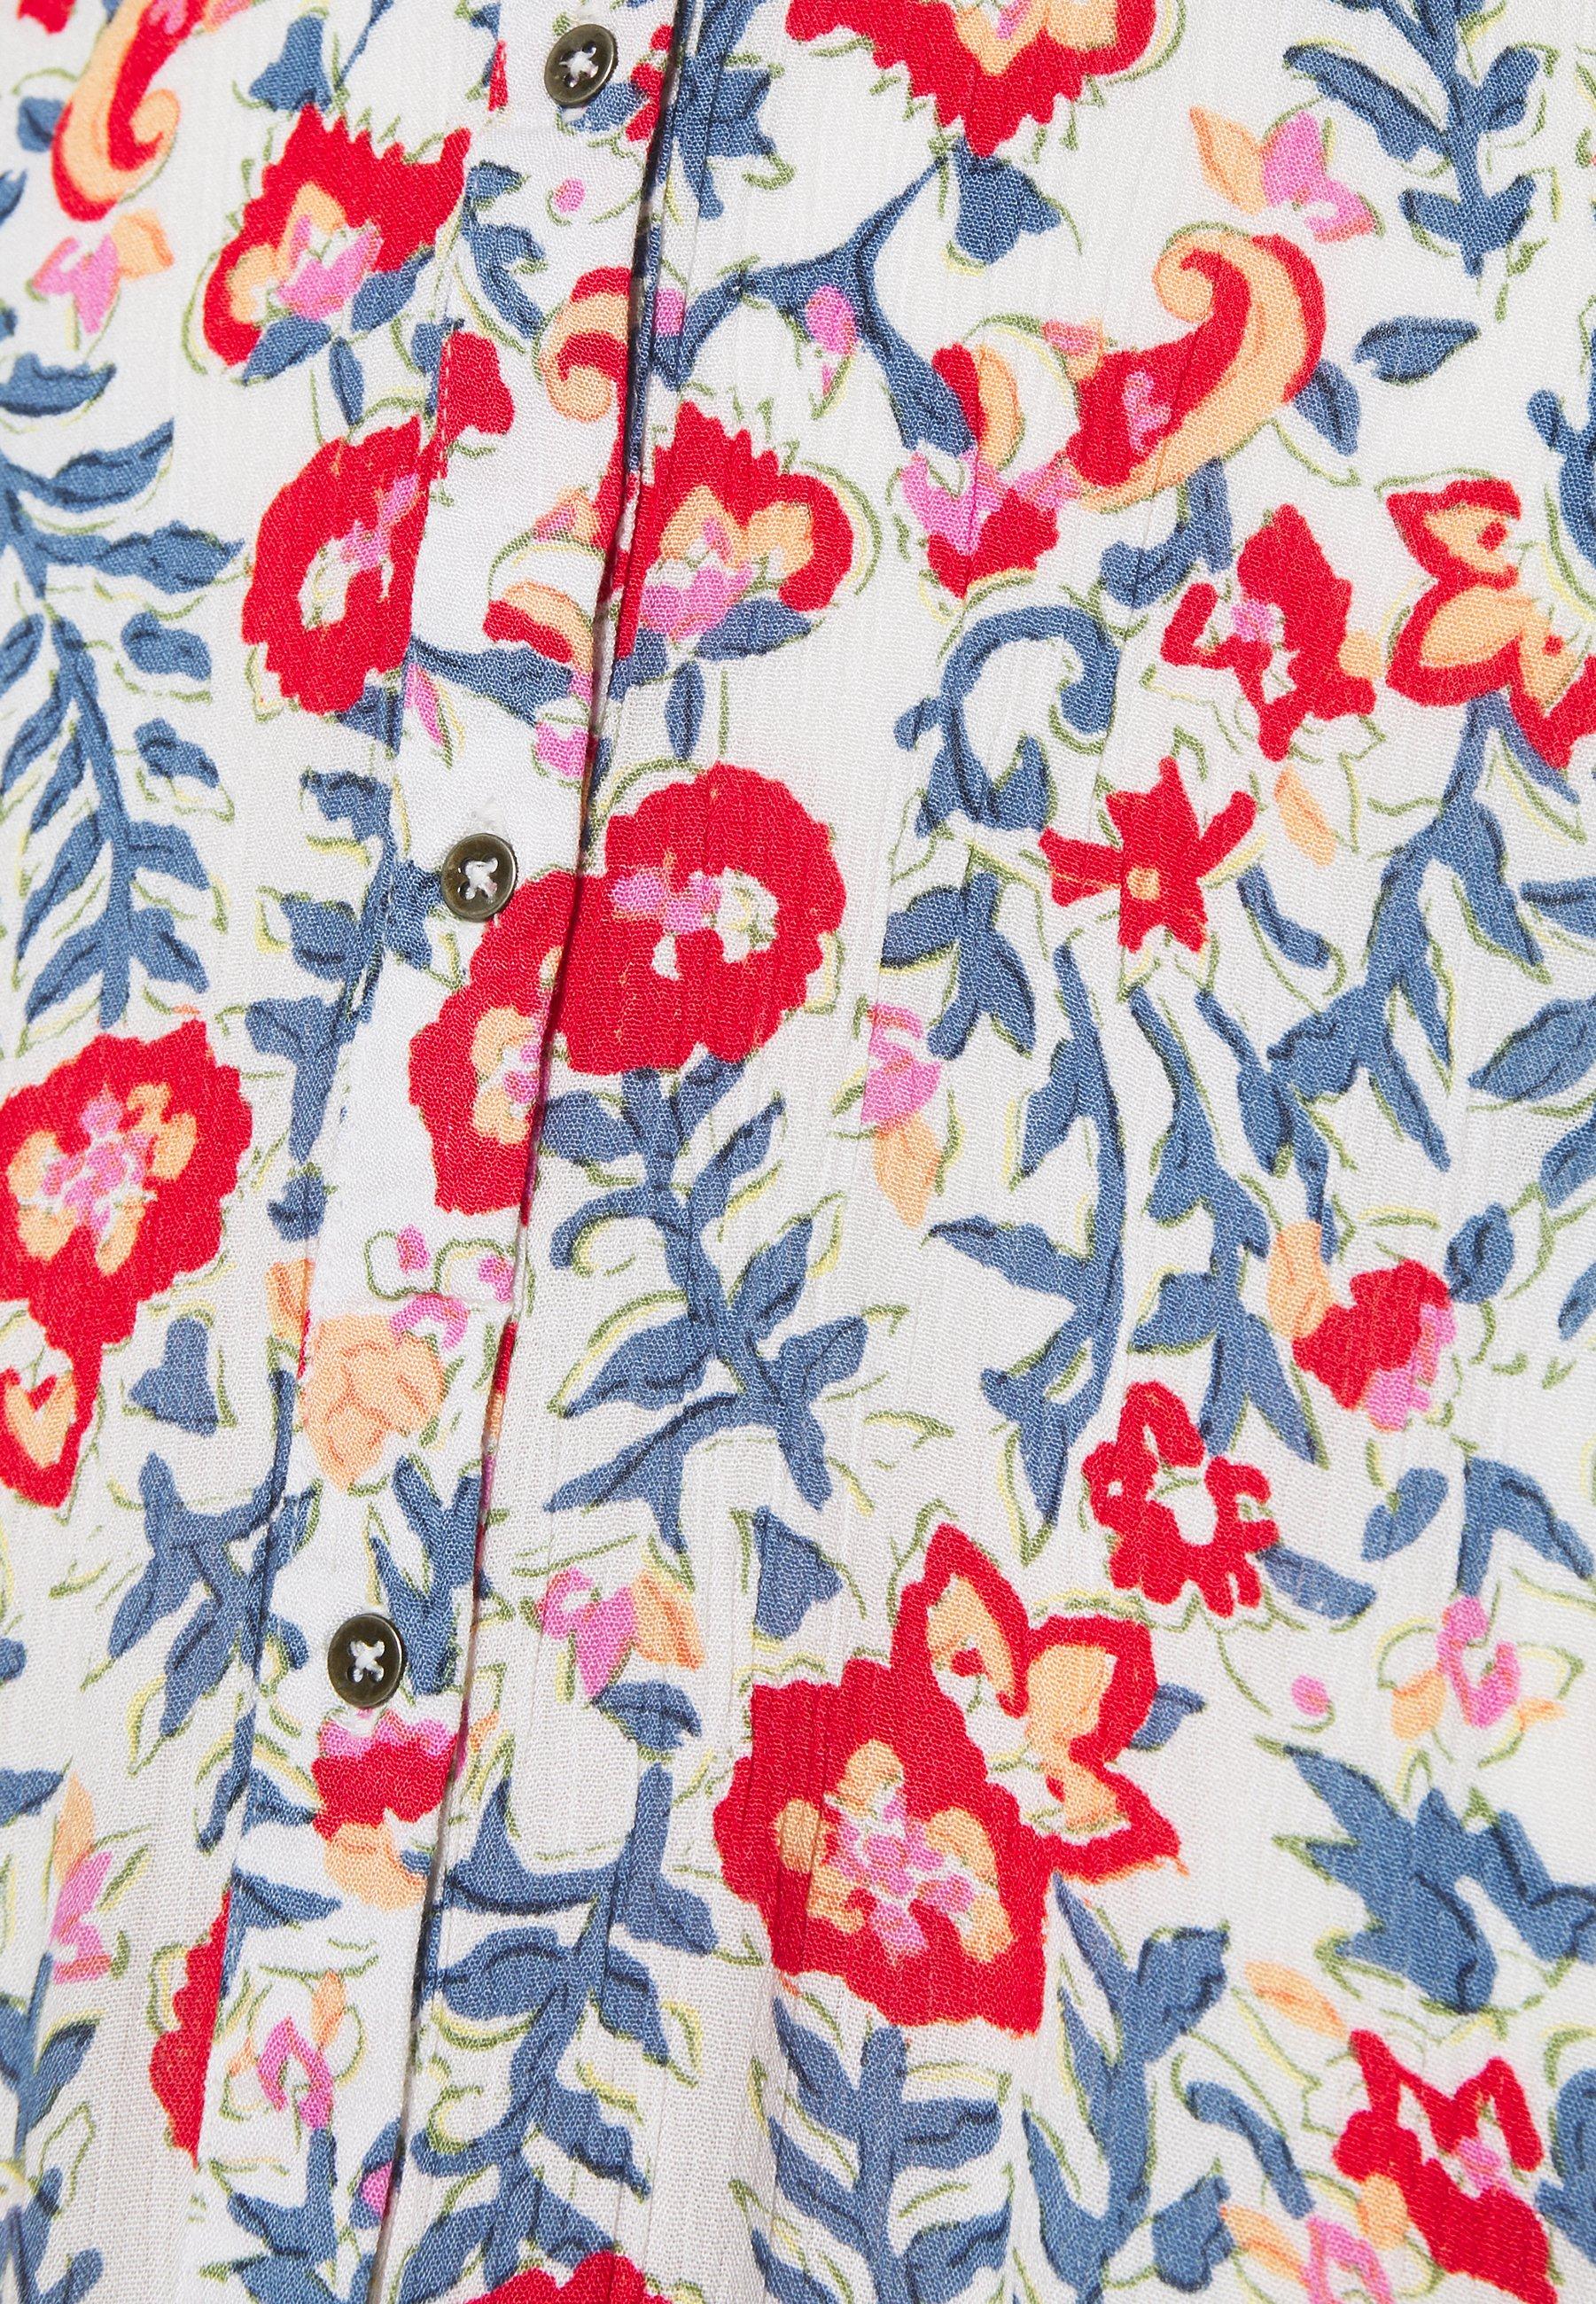 Billabong SUGARED LIFE - Robe d'été - multi - Robes femme RxCXR